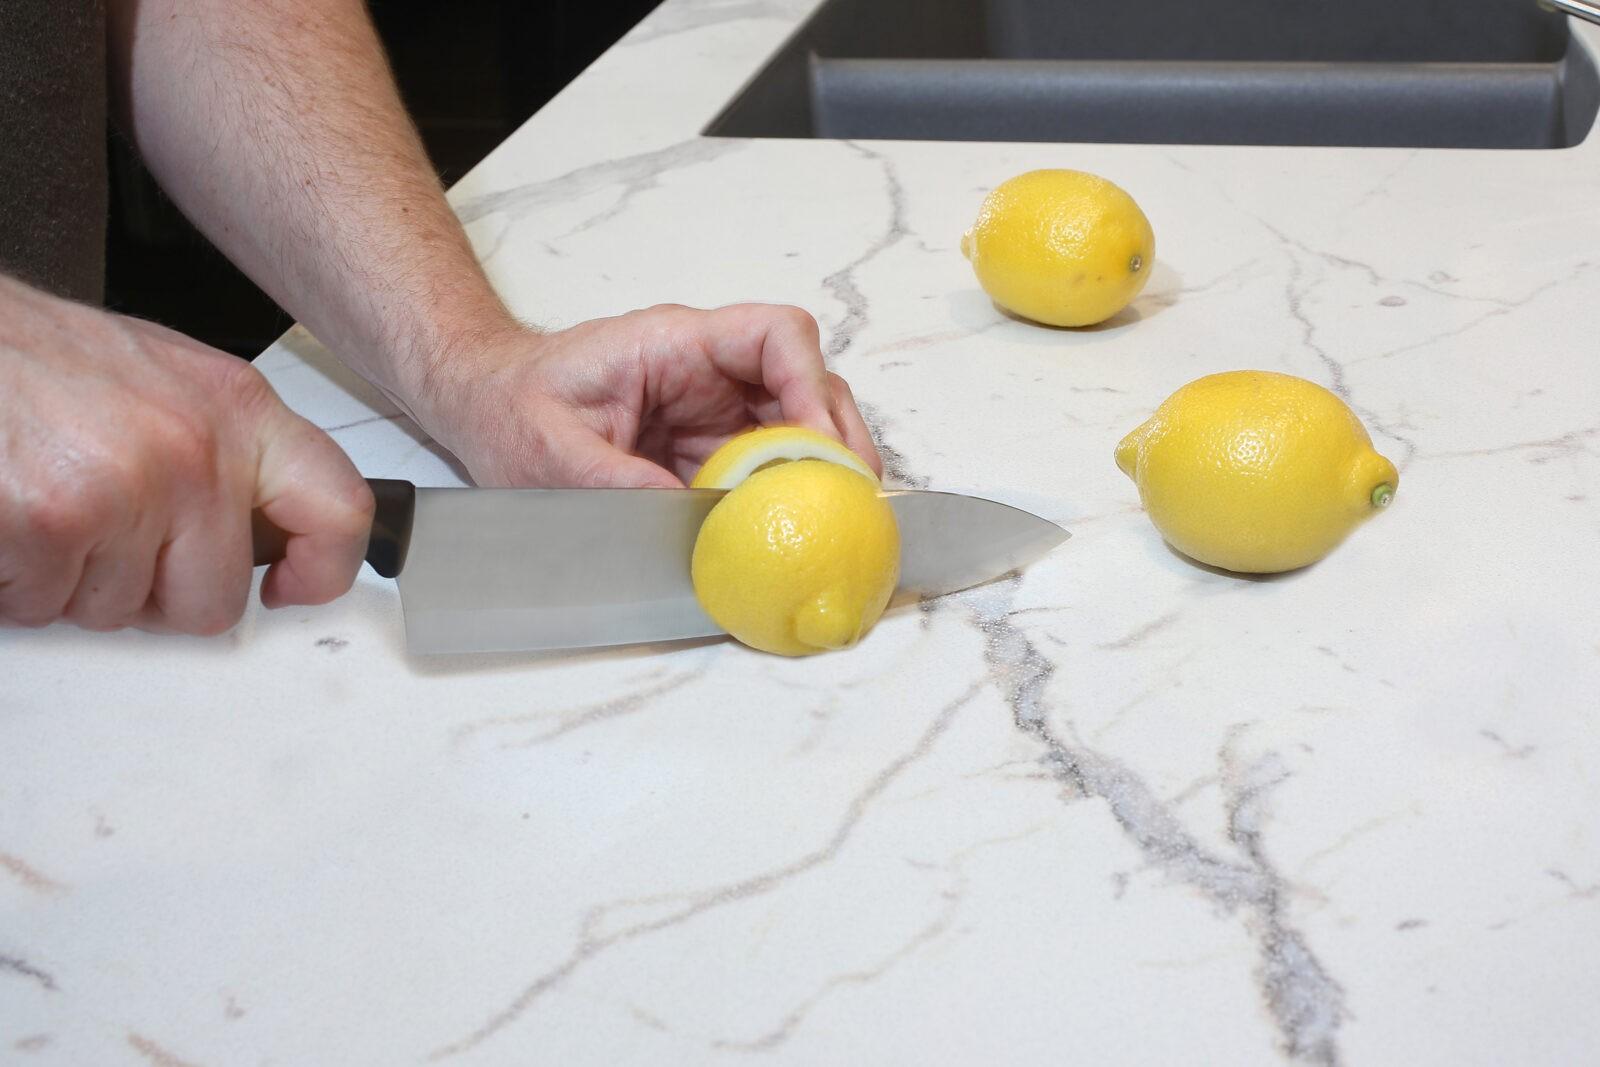 person slicing lemons on granite countertop